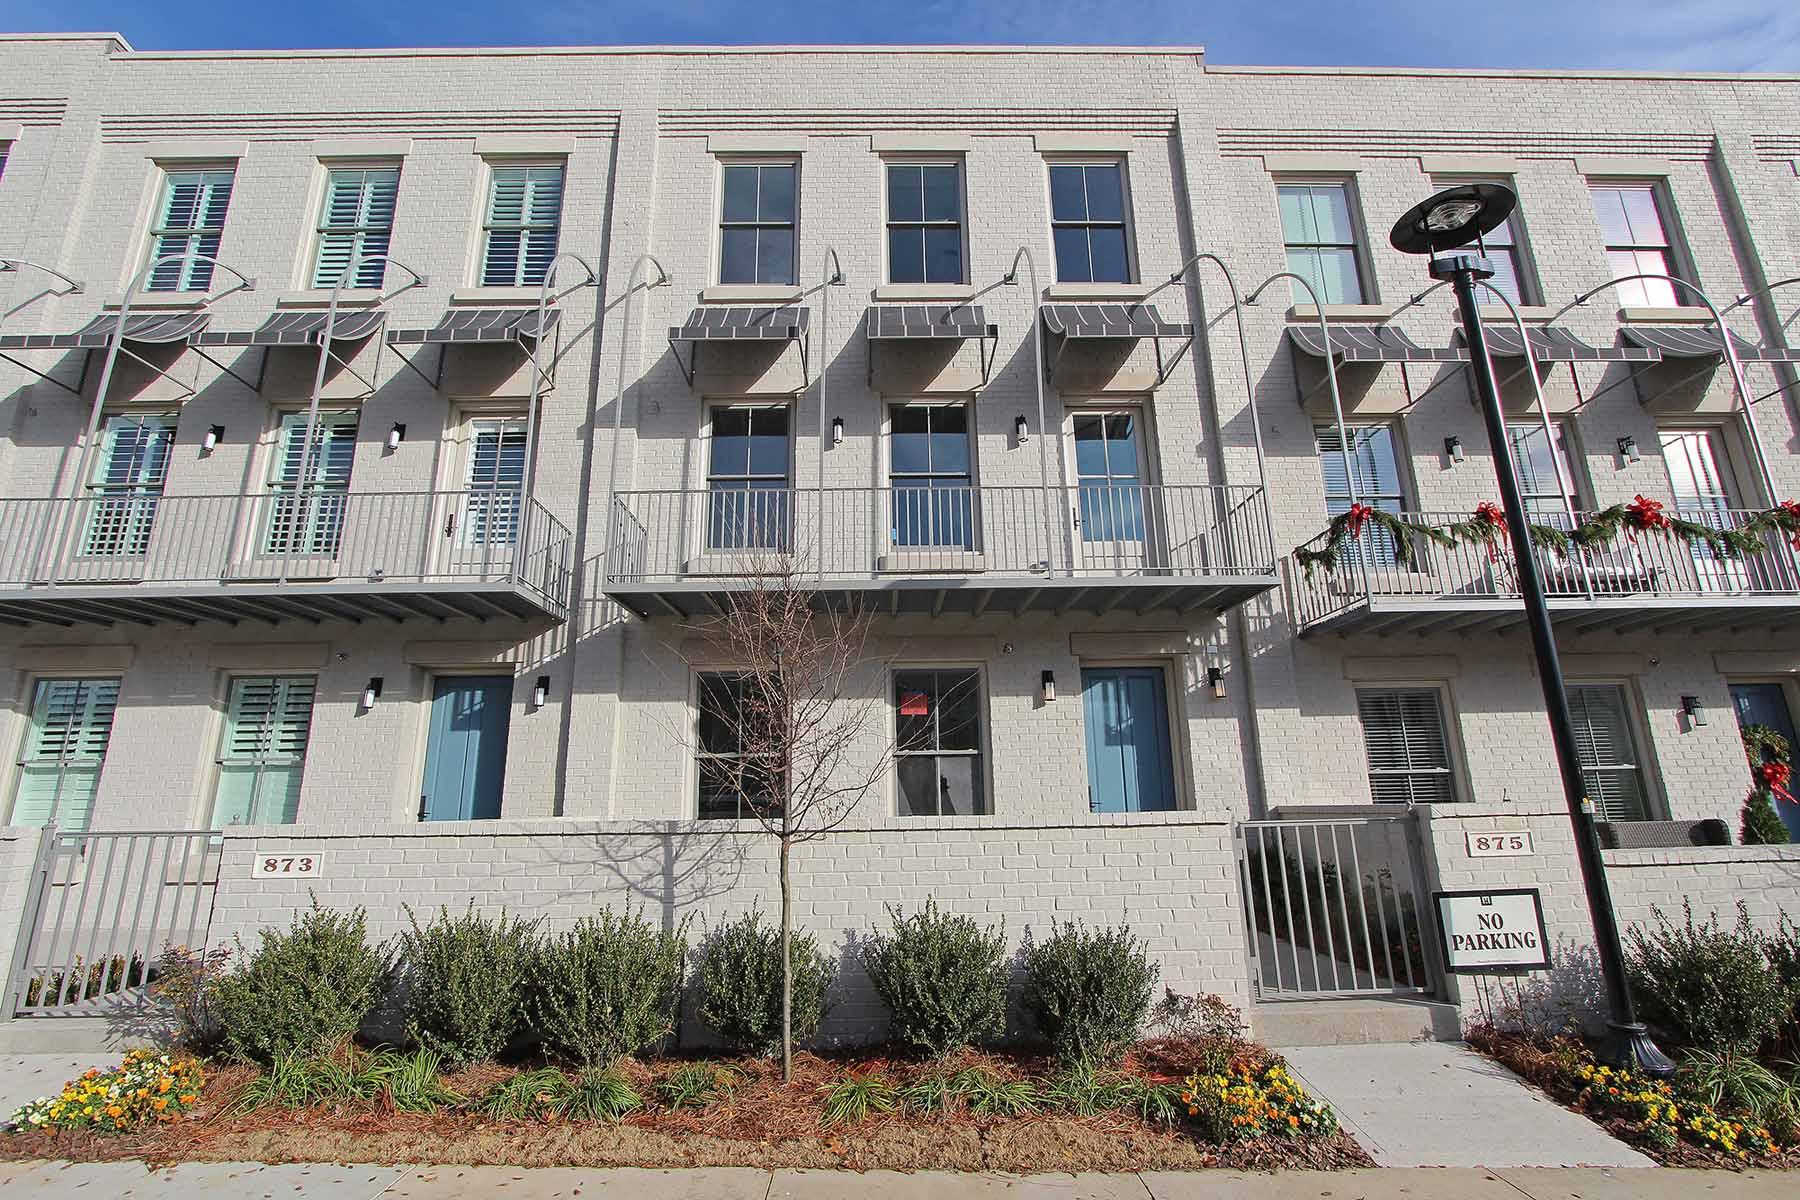 Nhà phố vì Bán tại Life Lived Well Starts Here at Avalon 875 3rd Street Alpharetta, Georgia, 30009 Hoa Kỳ